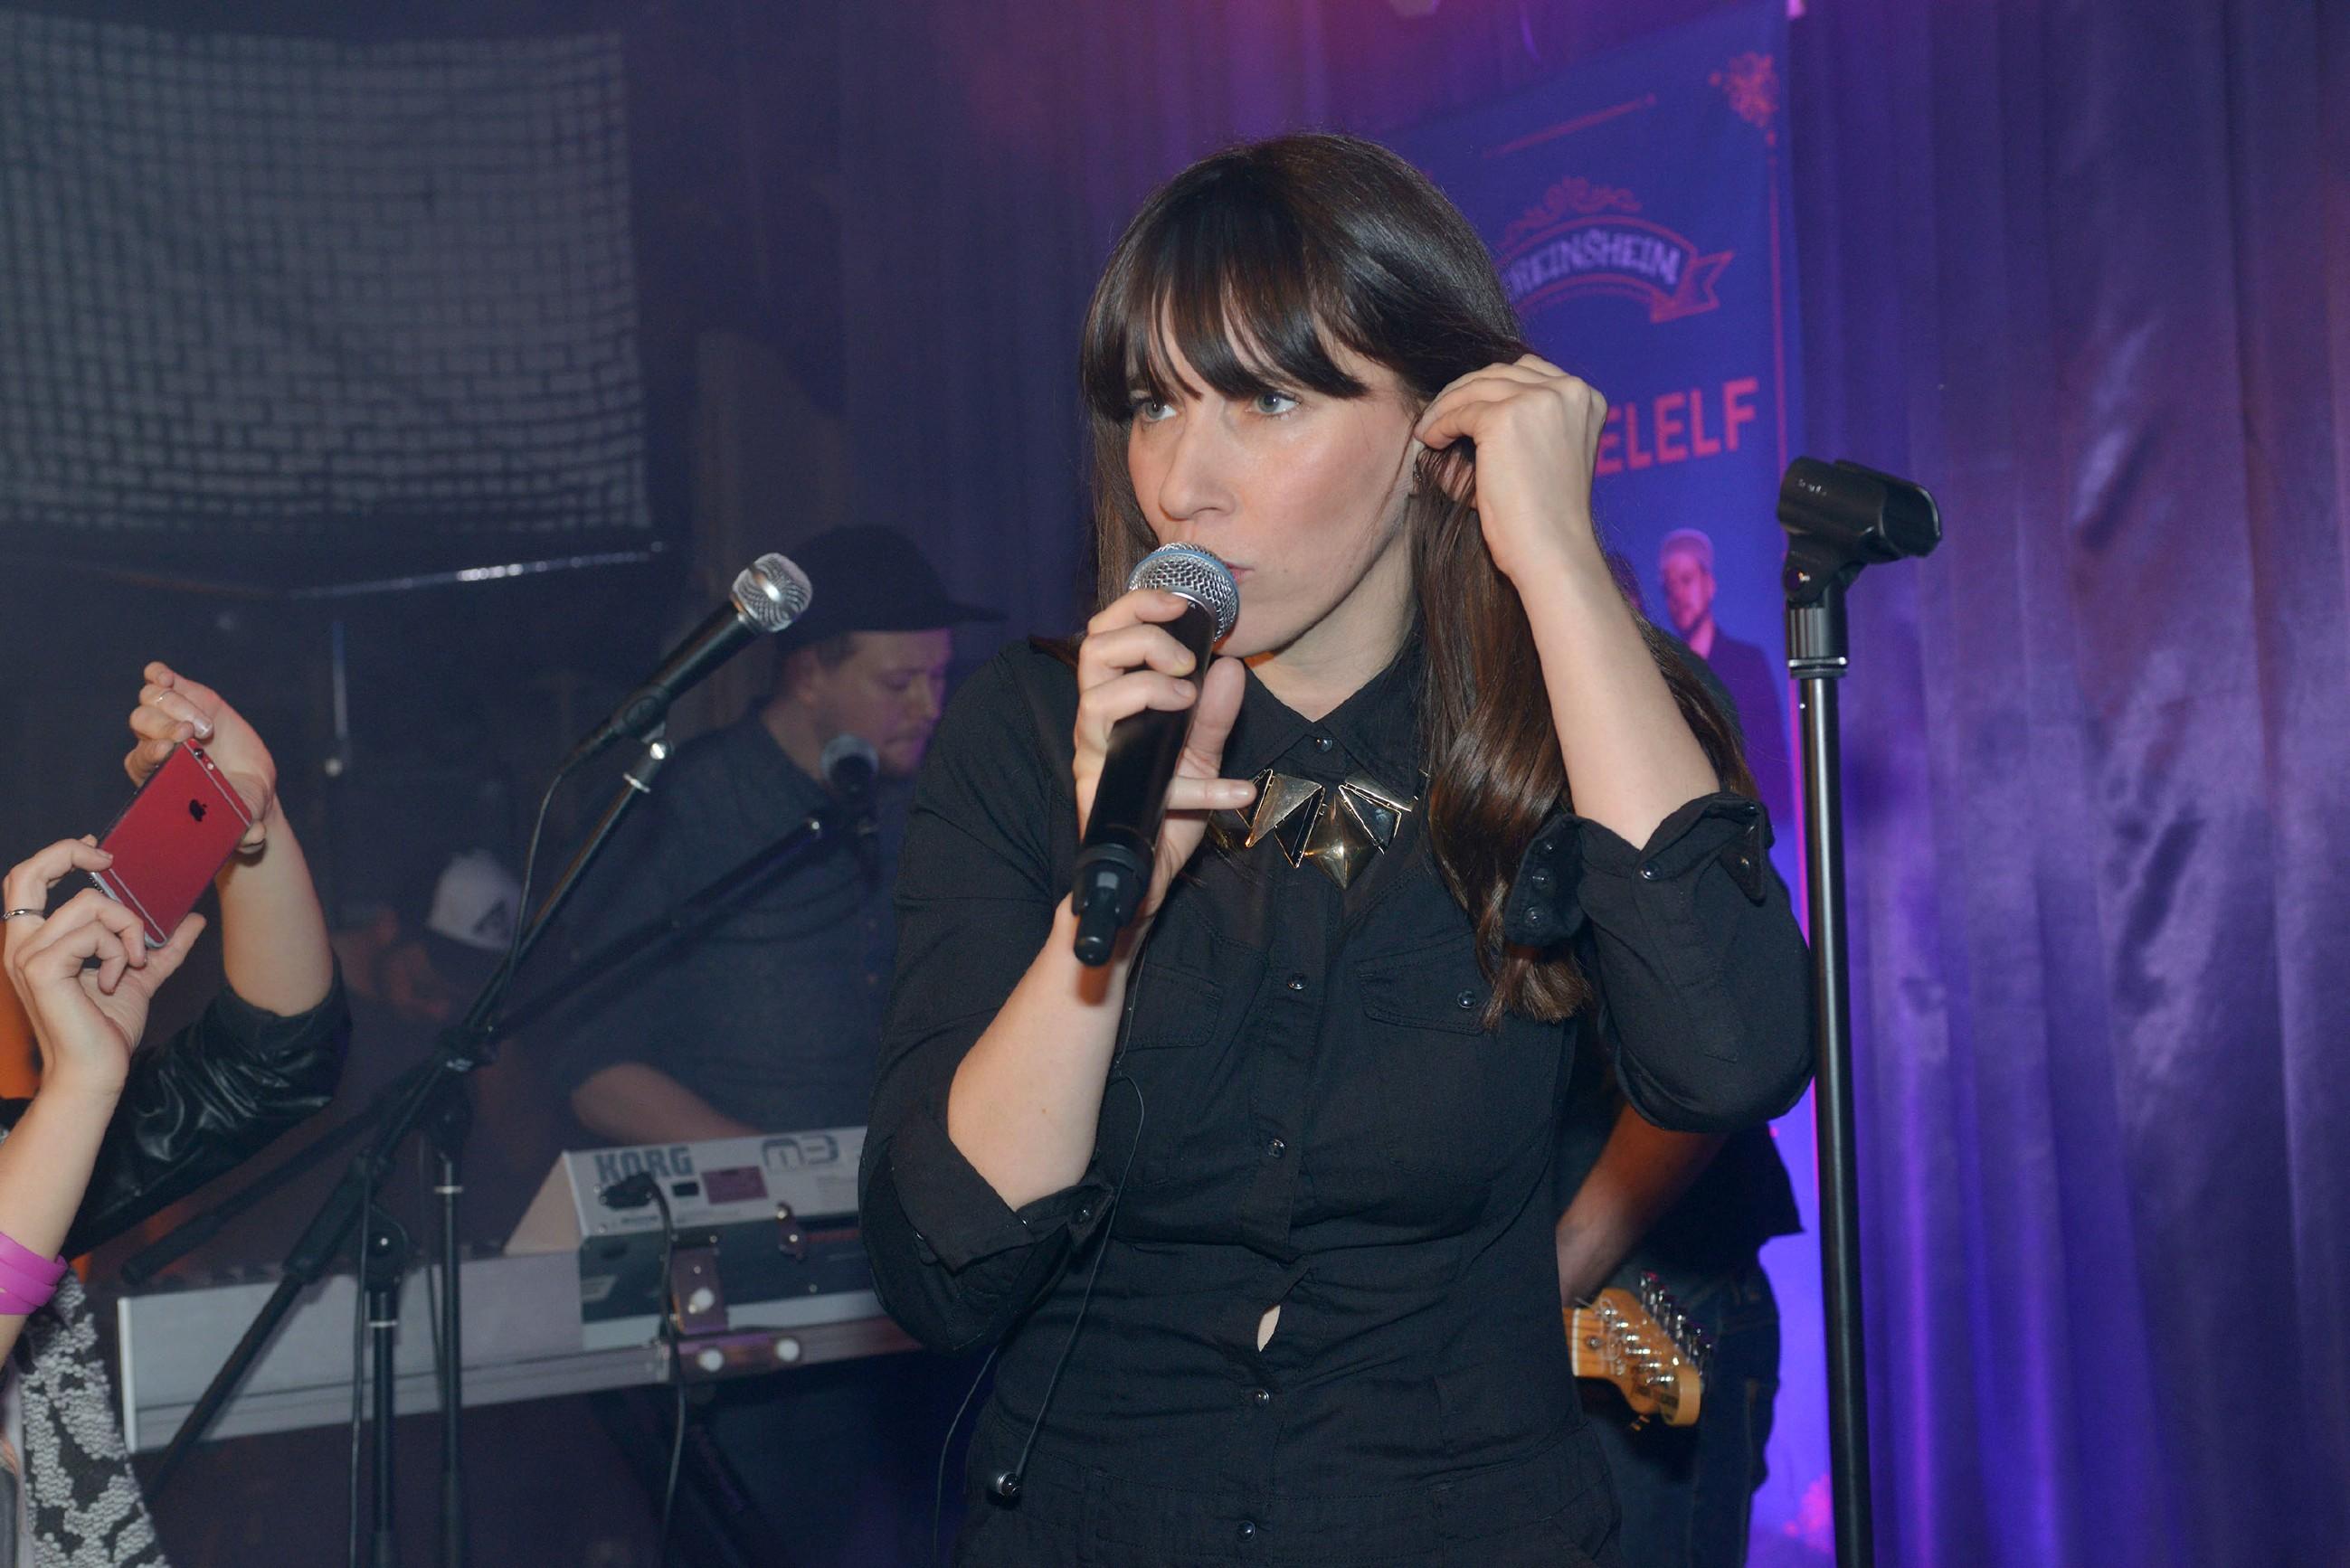 Der Auftritt der Berliner Band _3viertelelf_ um Sängerin Angela Maria Peltner im Vereinsheim wird ein voller Erfolg. (Quelle: RTL / Rolf Baumgartner)